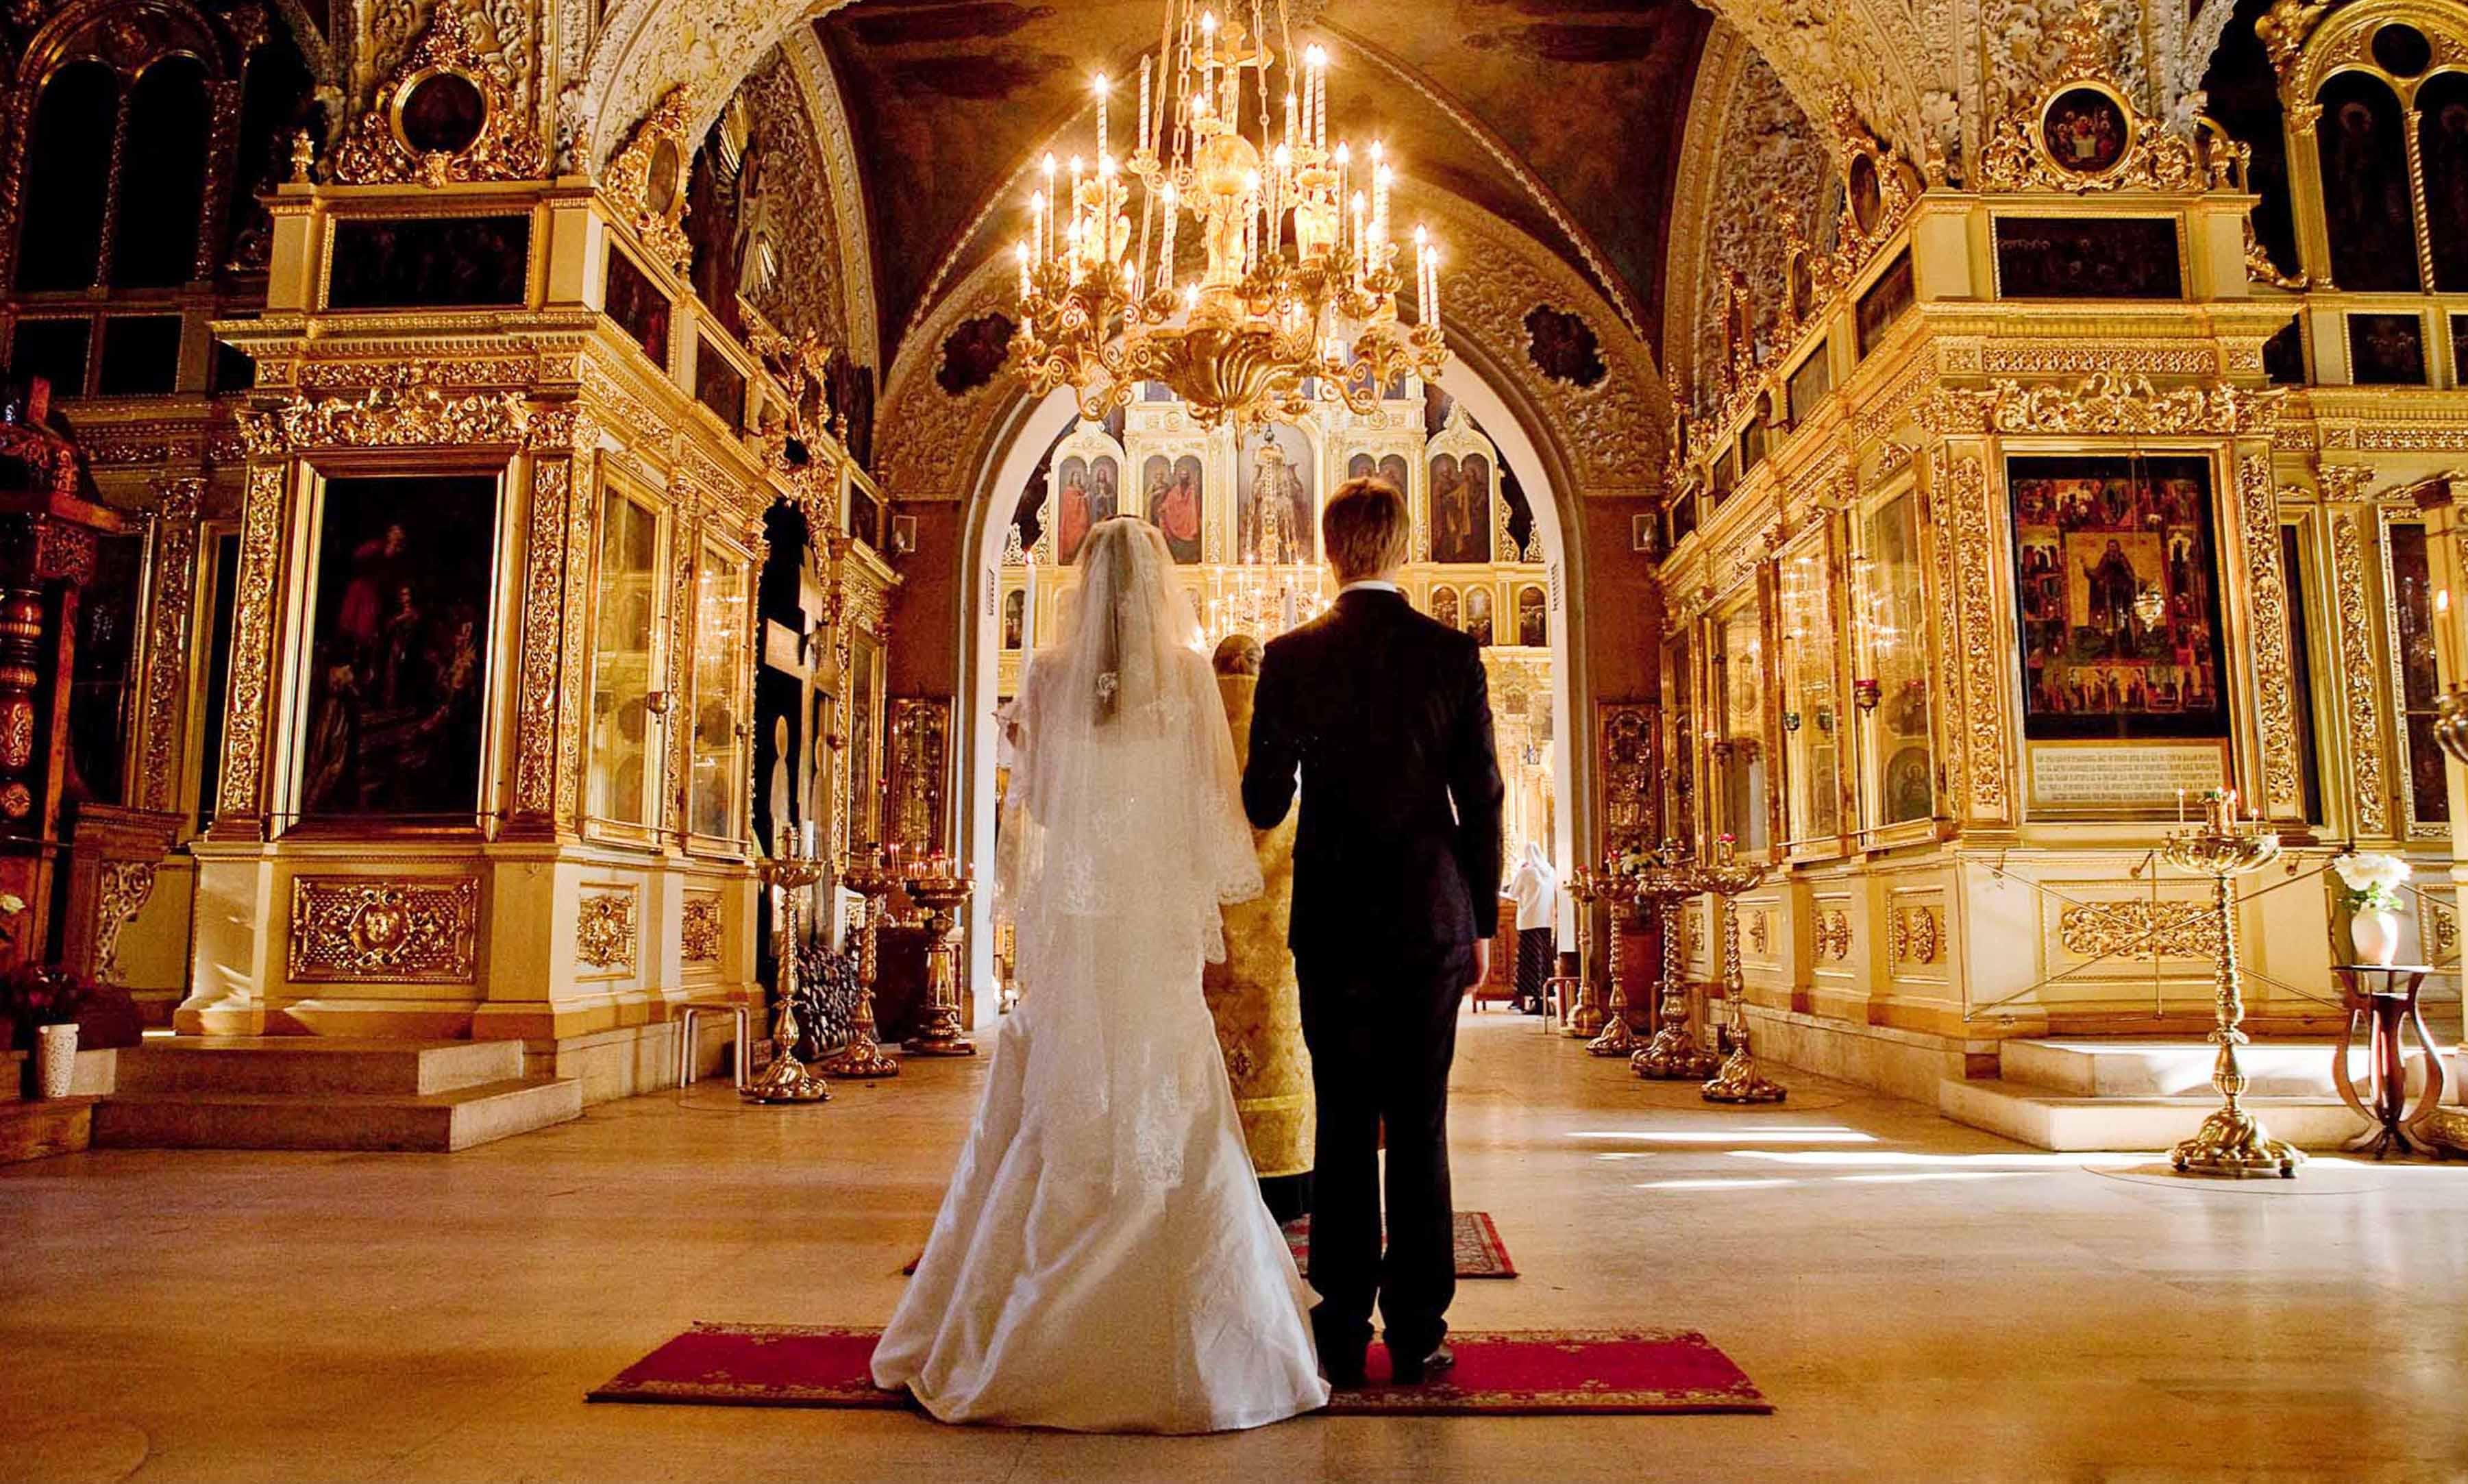 Обряд вечнания в провославной церкви. Красиво и завораживающе